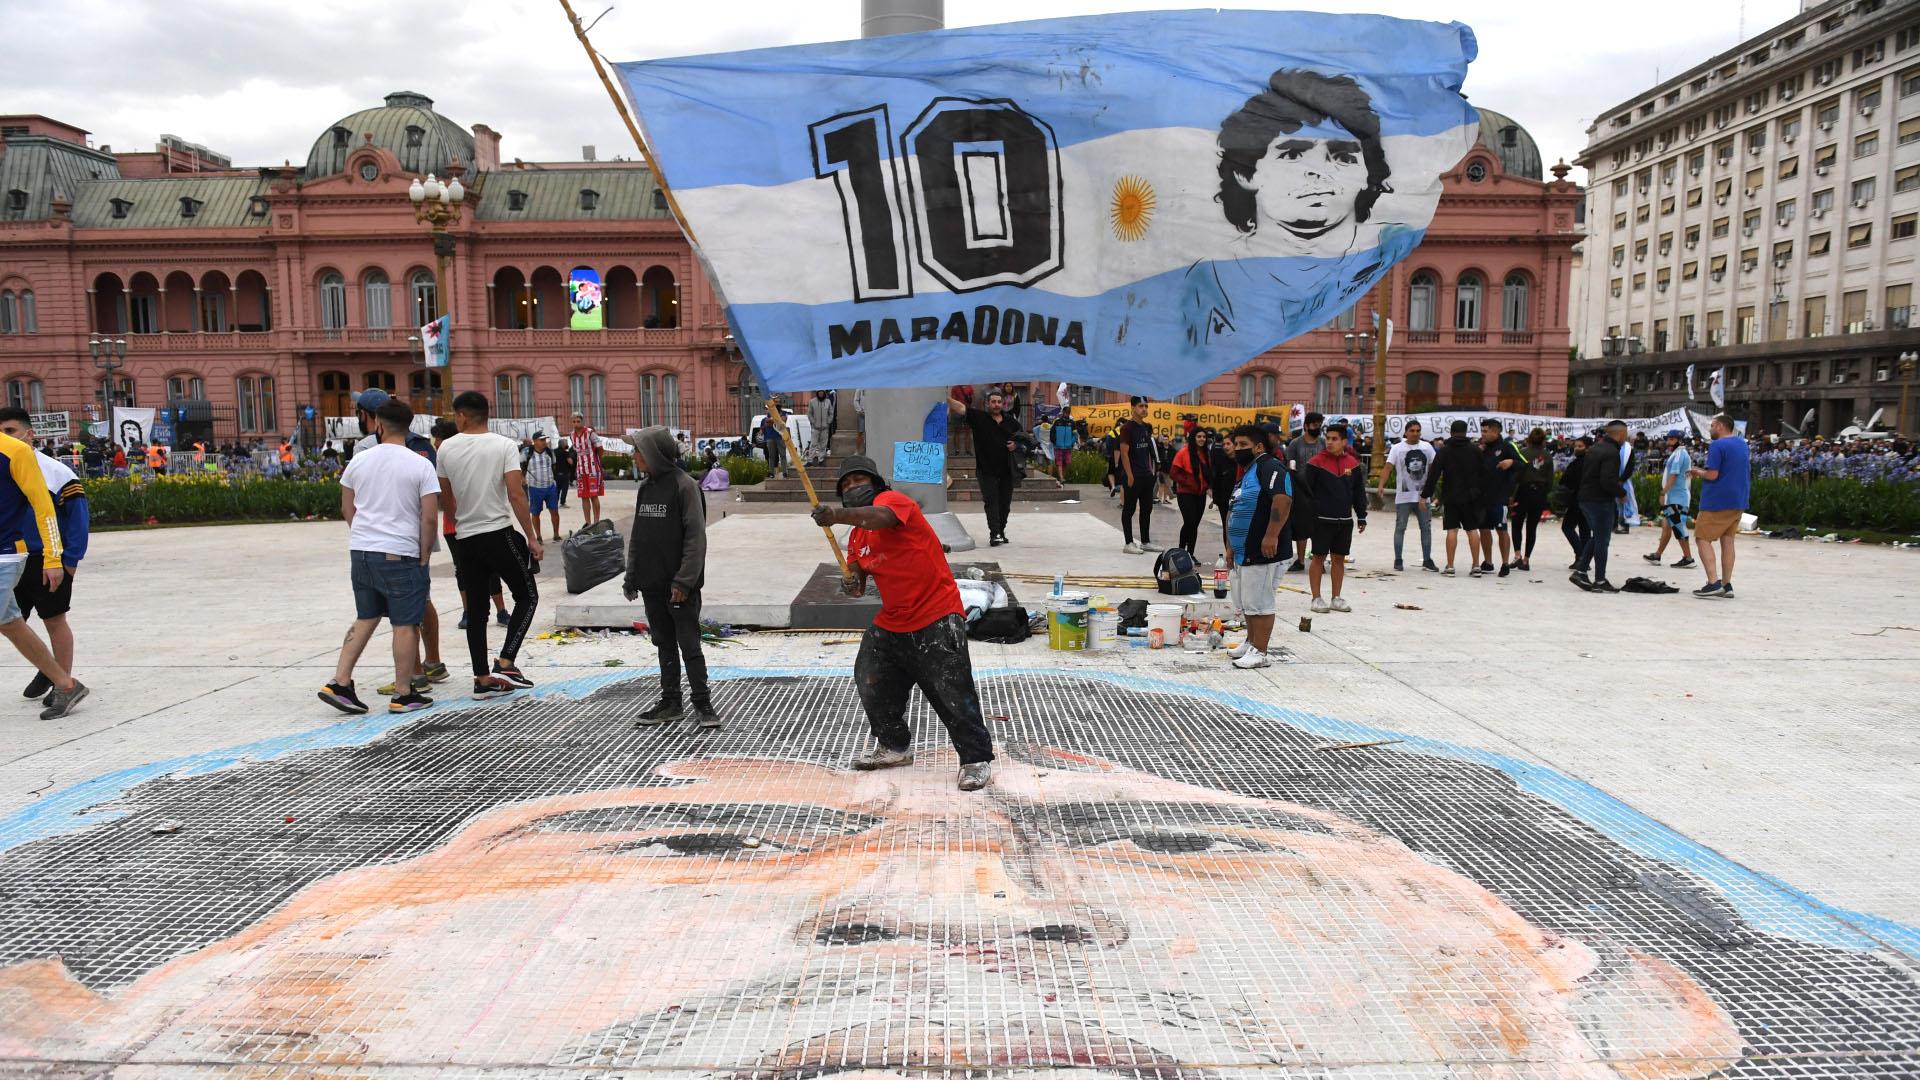 Esta mañana, cuando la gente comenzó a llegar cerca de las 6 para despedir los restos de Diego, se encontró en la Plaza de Mayo, frente a la pirámide, con un enorme retrato de Maradona pintado sobre el suelo.